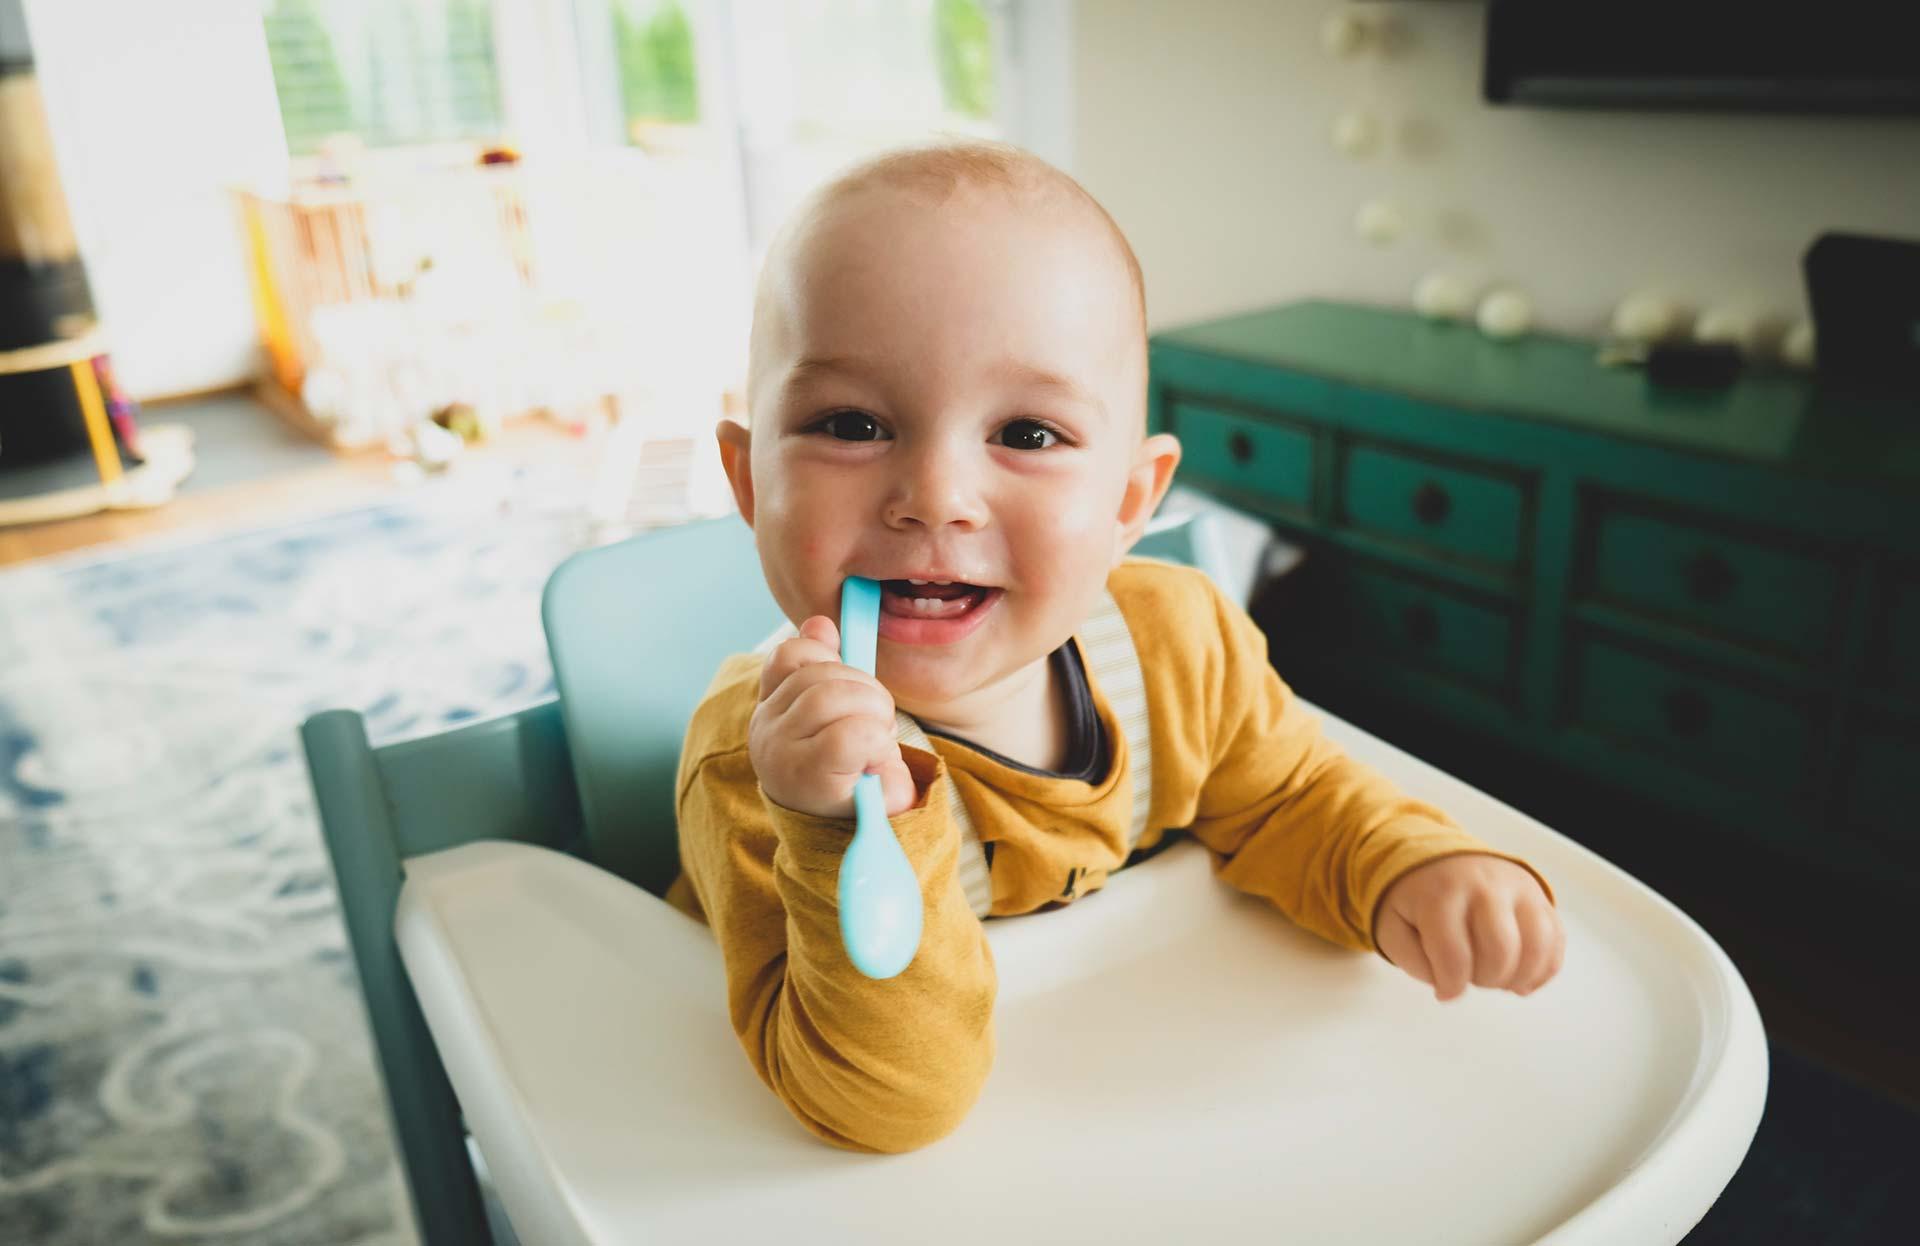 Meilleure Chaise Haute bébé / Comparatif, Tests & Avis